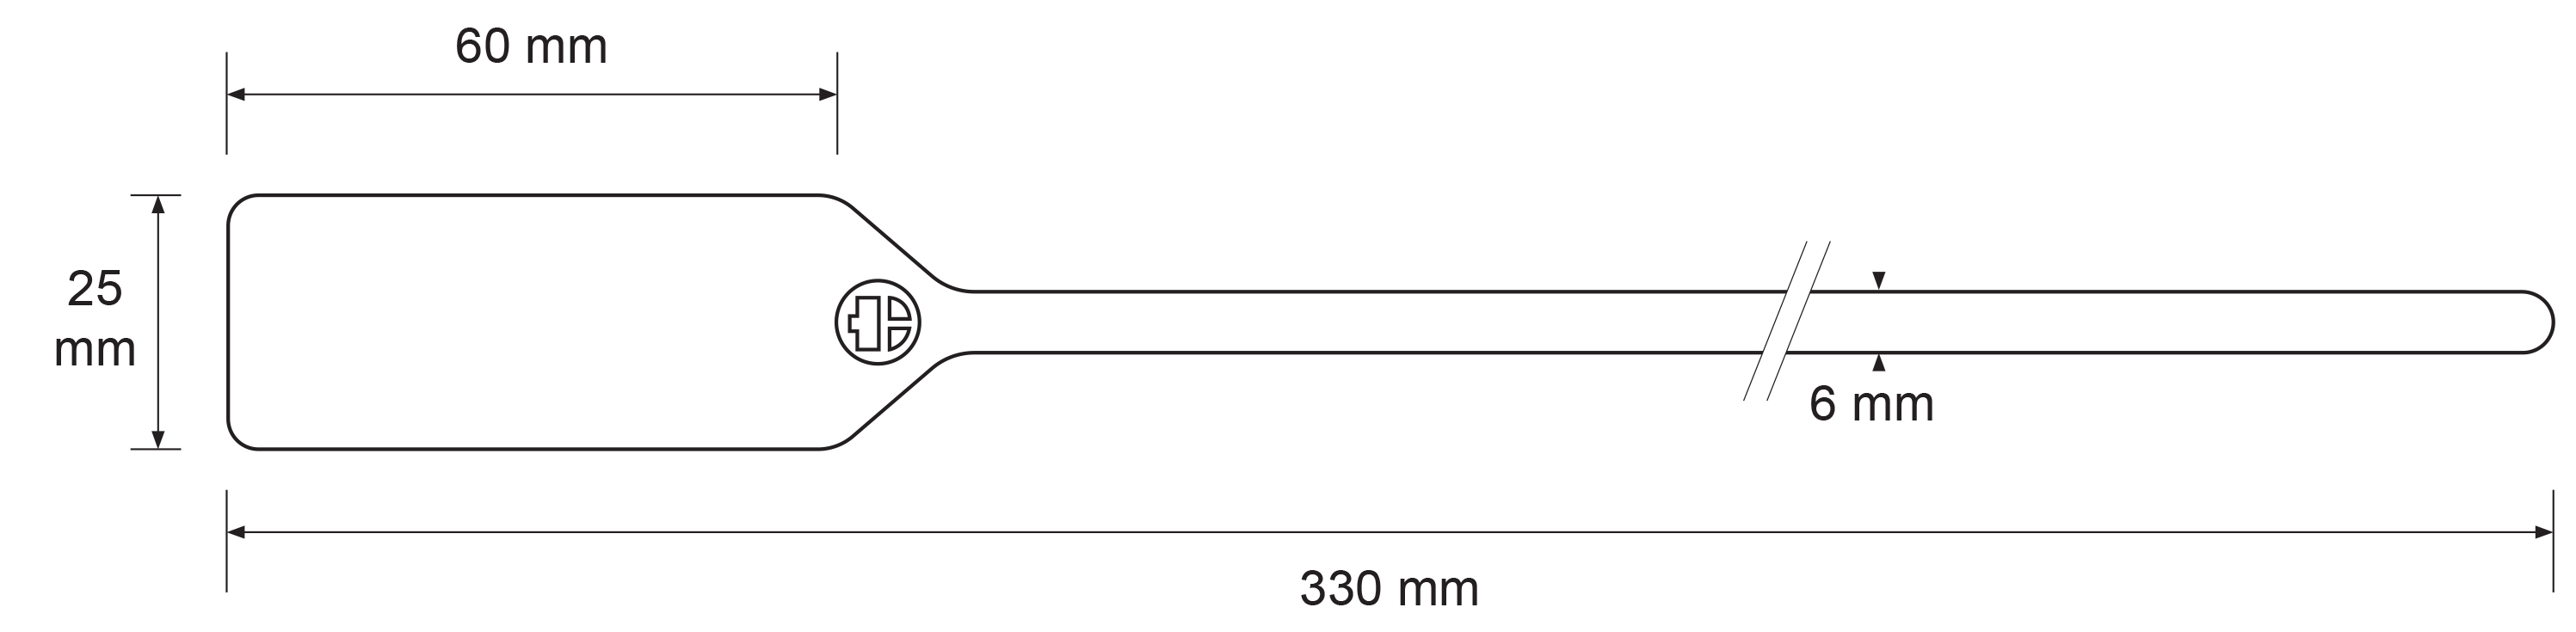 Schéma Scellé SCS330